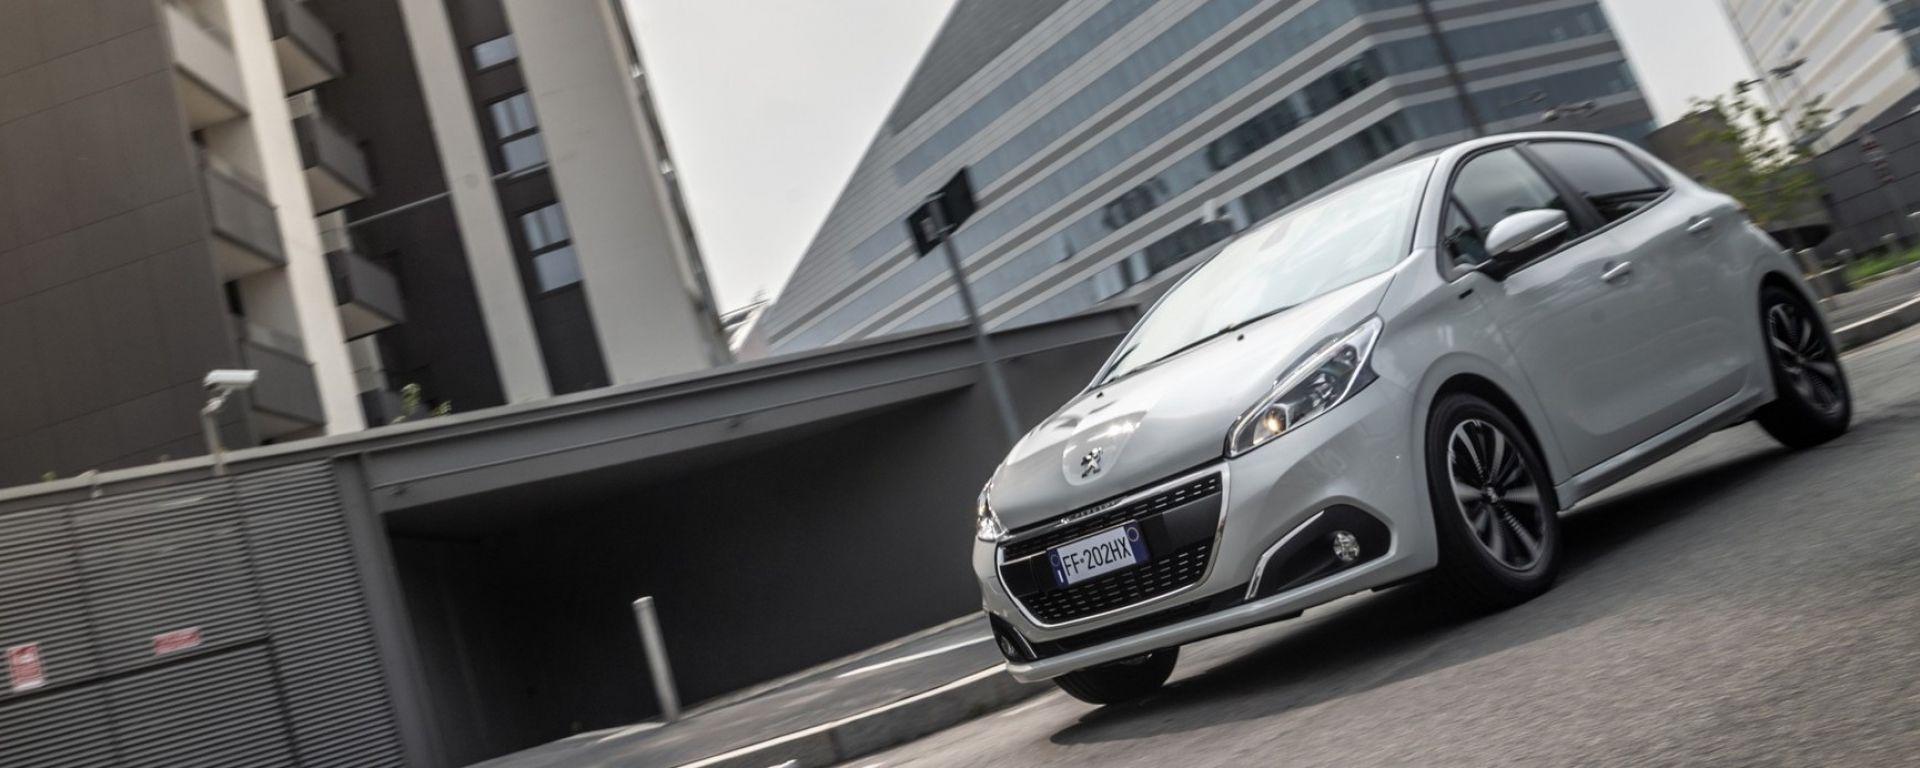 Peugeot 208 Signature Prezzi E Dotazioni Della Nuova Serie Speciale